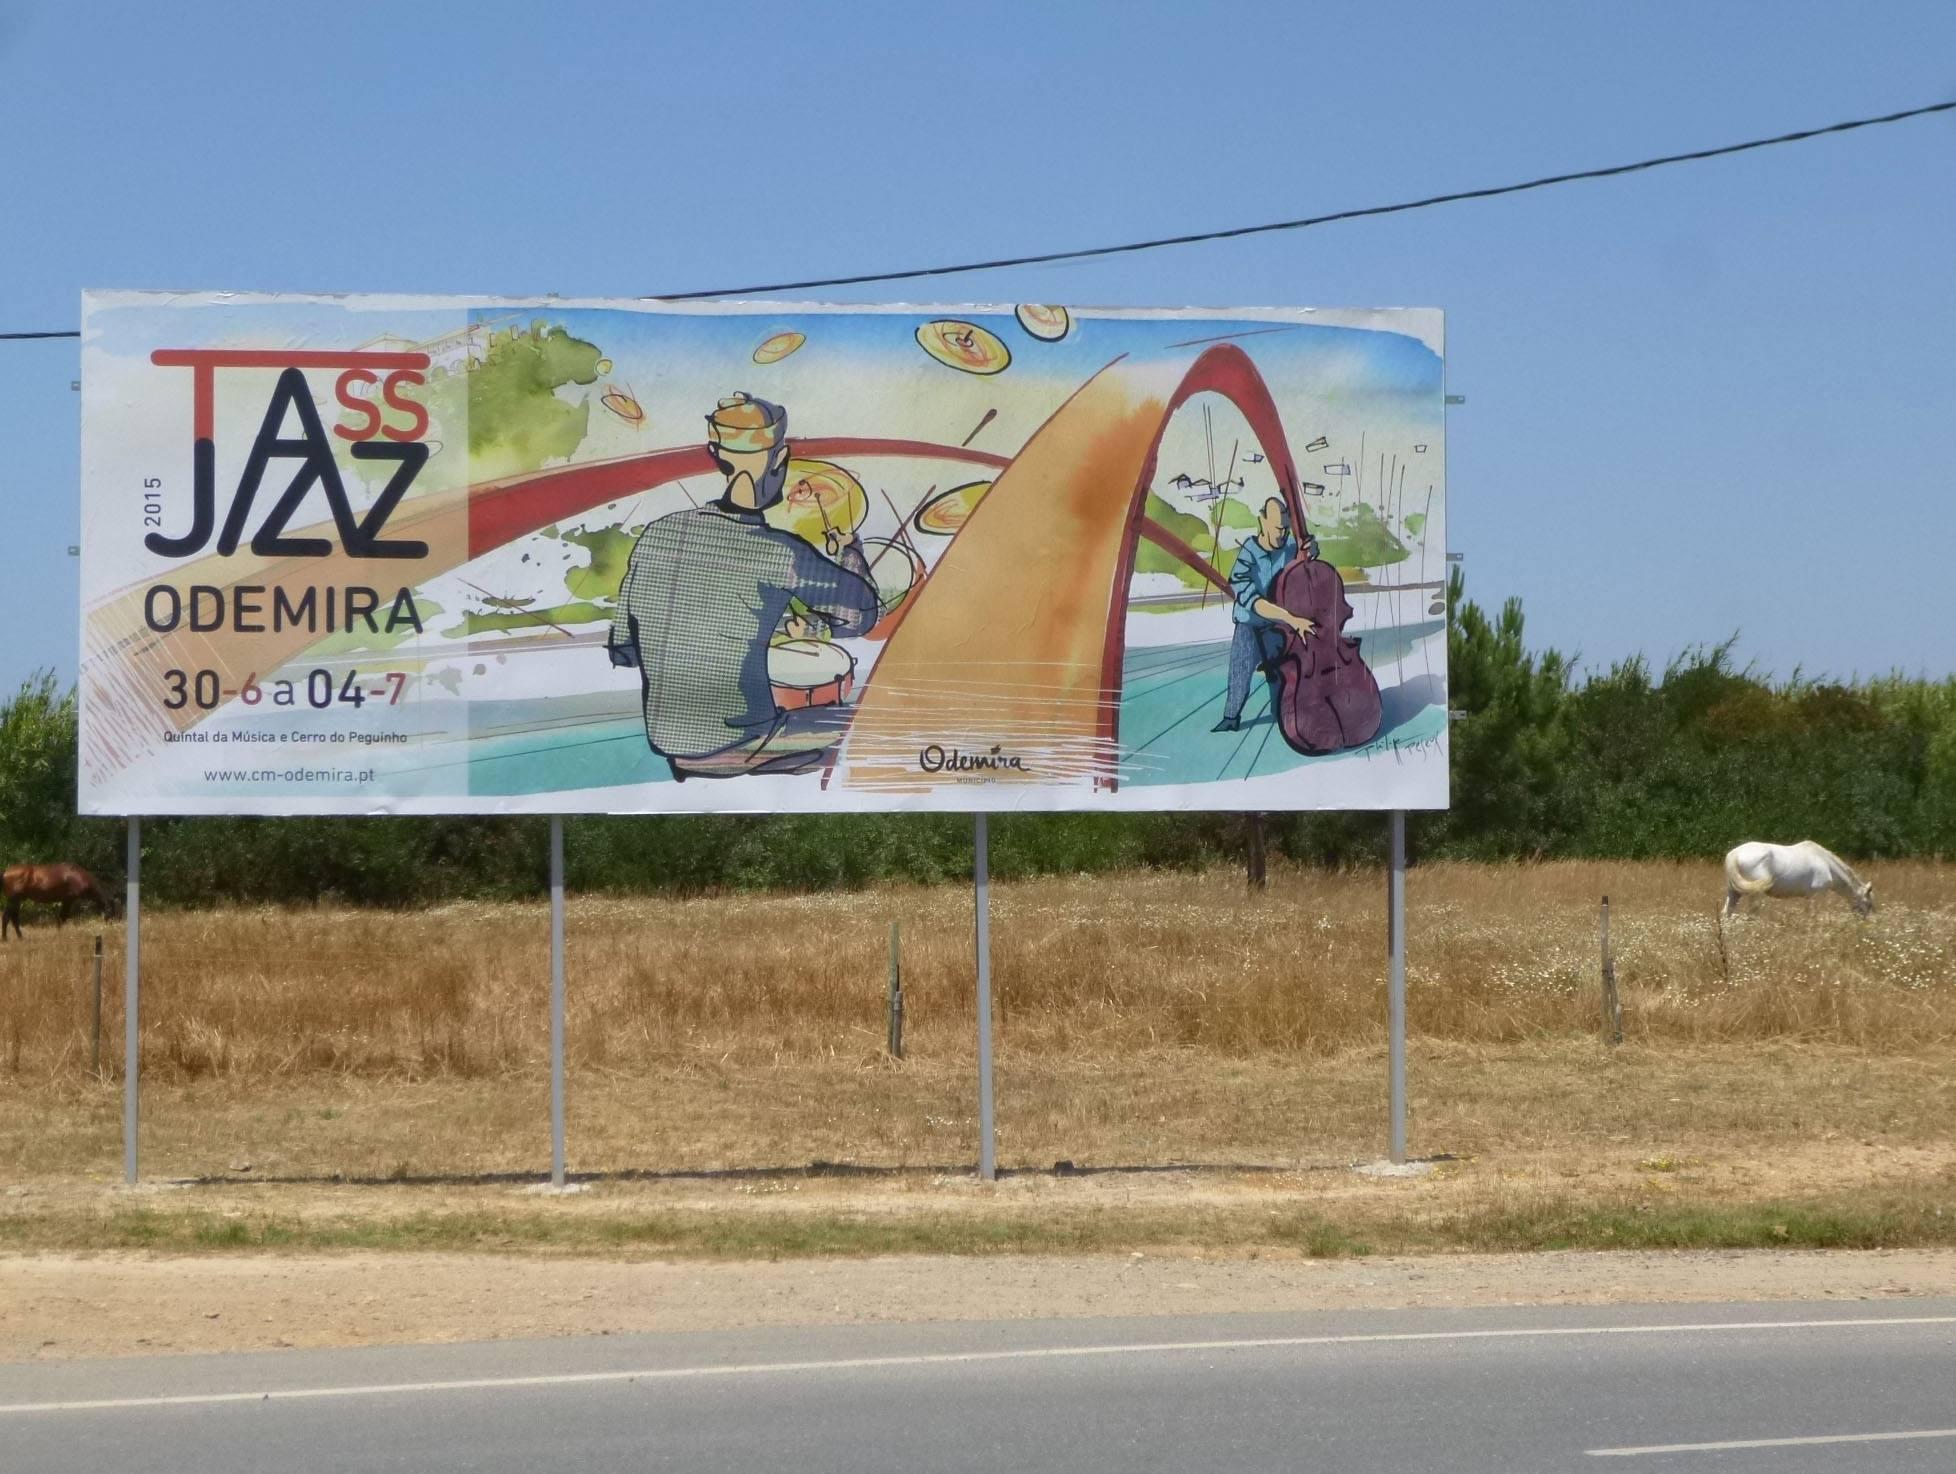 Tassjazz 2015 affiche